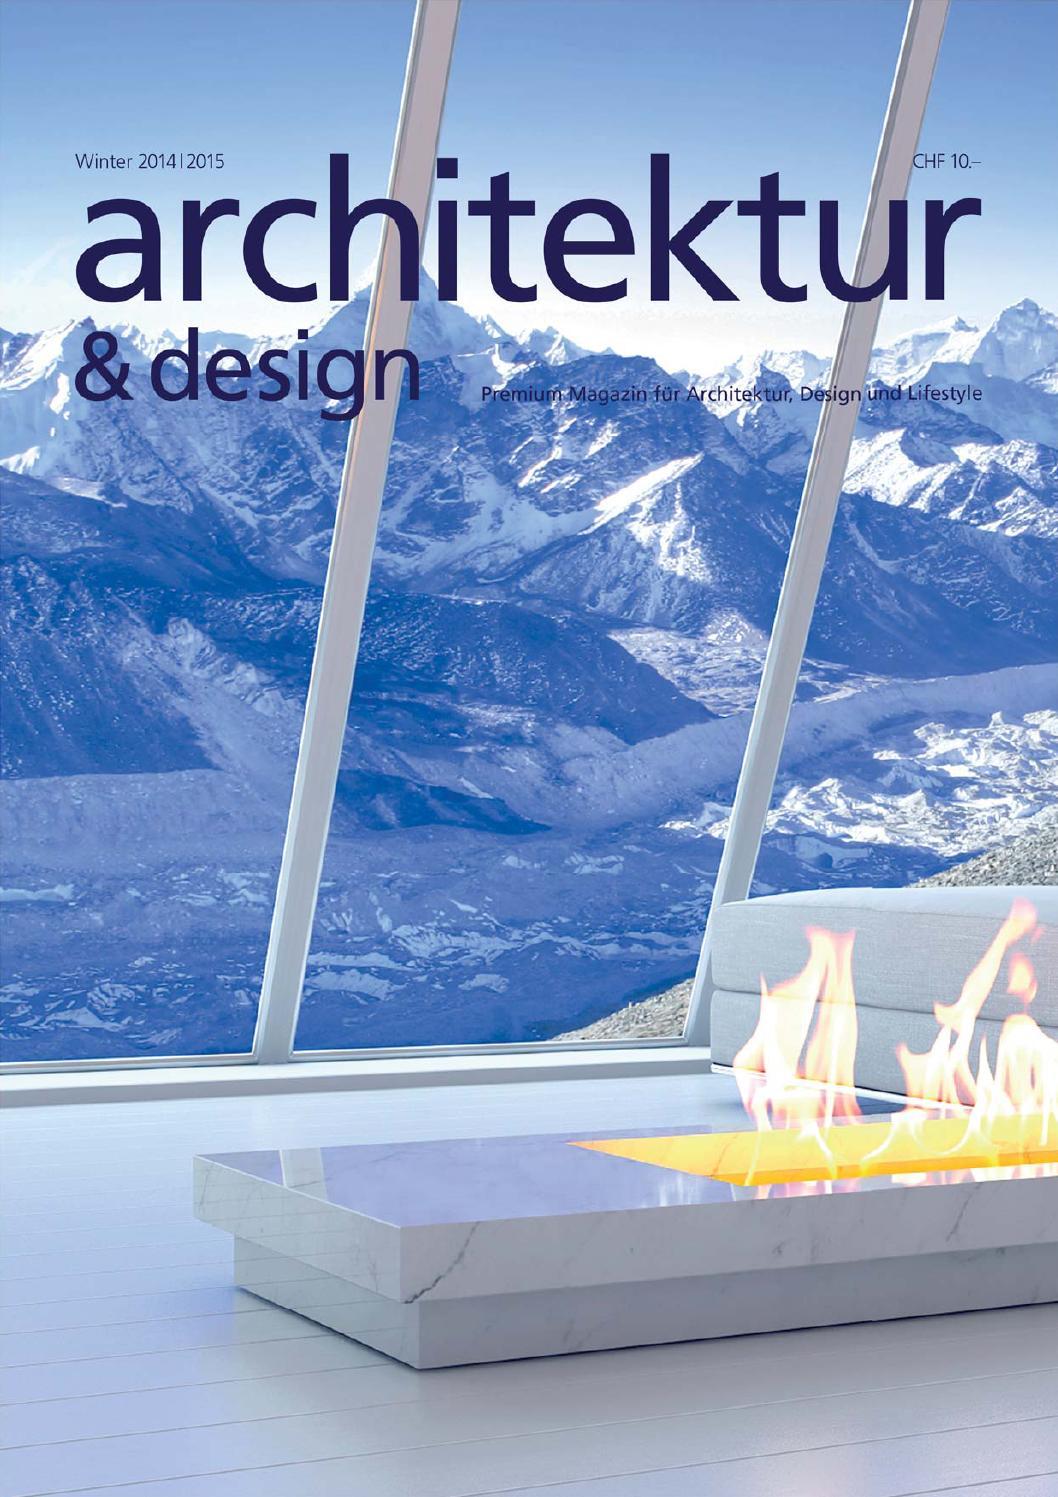 architektur und design 1 halbjahr 2015 by new time design scherrer grasso issuu. Black Bedroom Furniture Sets. Home Design Ideas